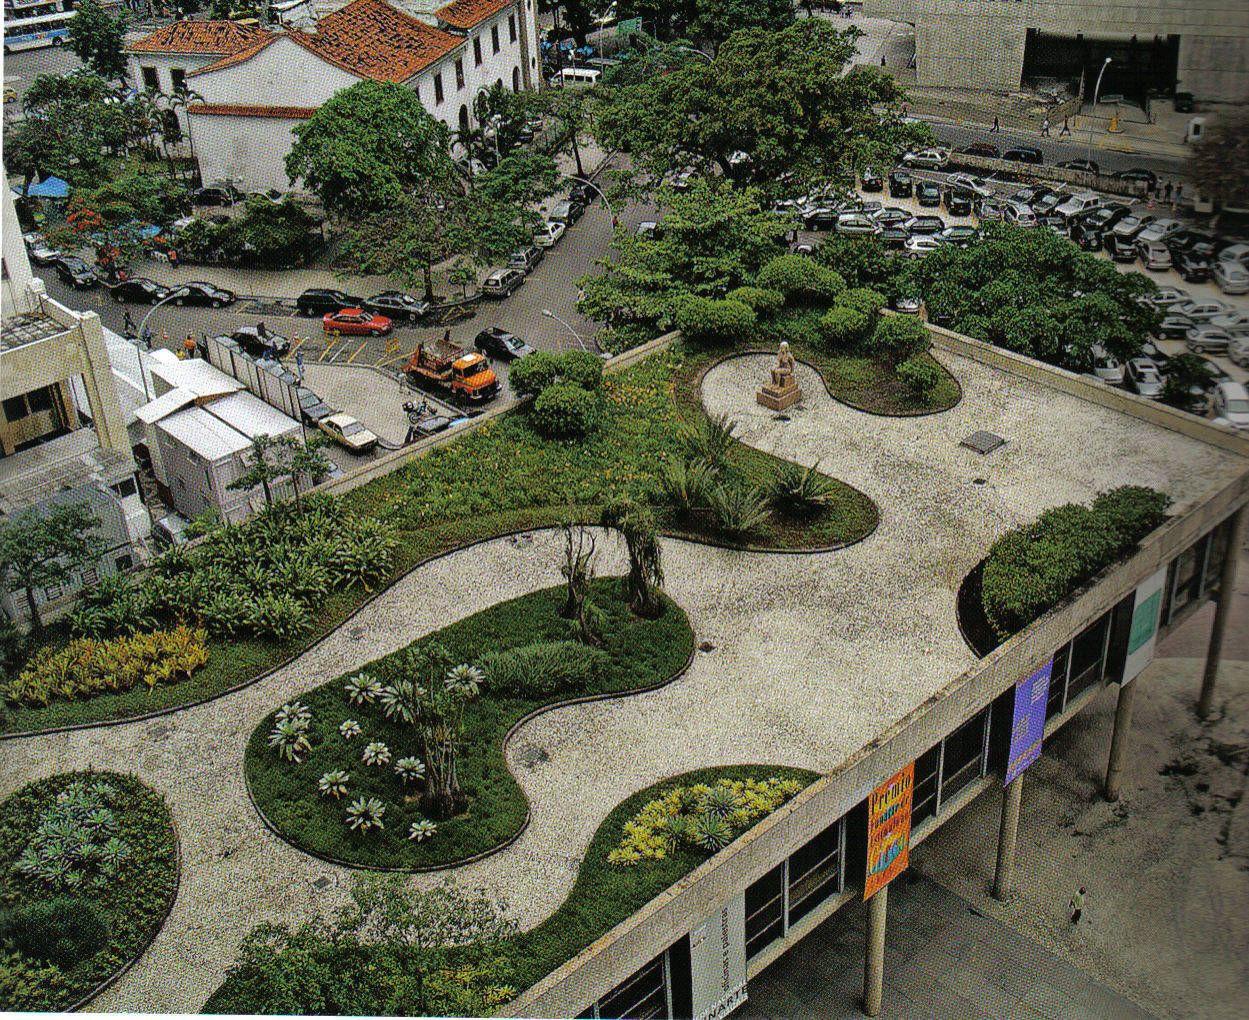 Burle marx techos verde green roofs pinterest for Spaces landscape architecture